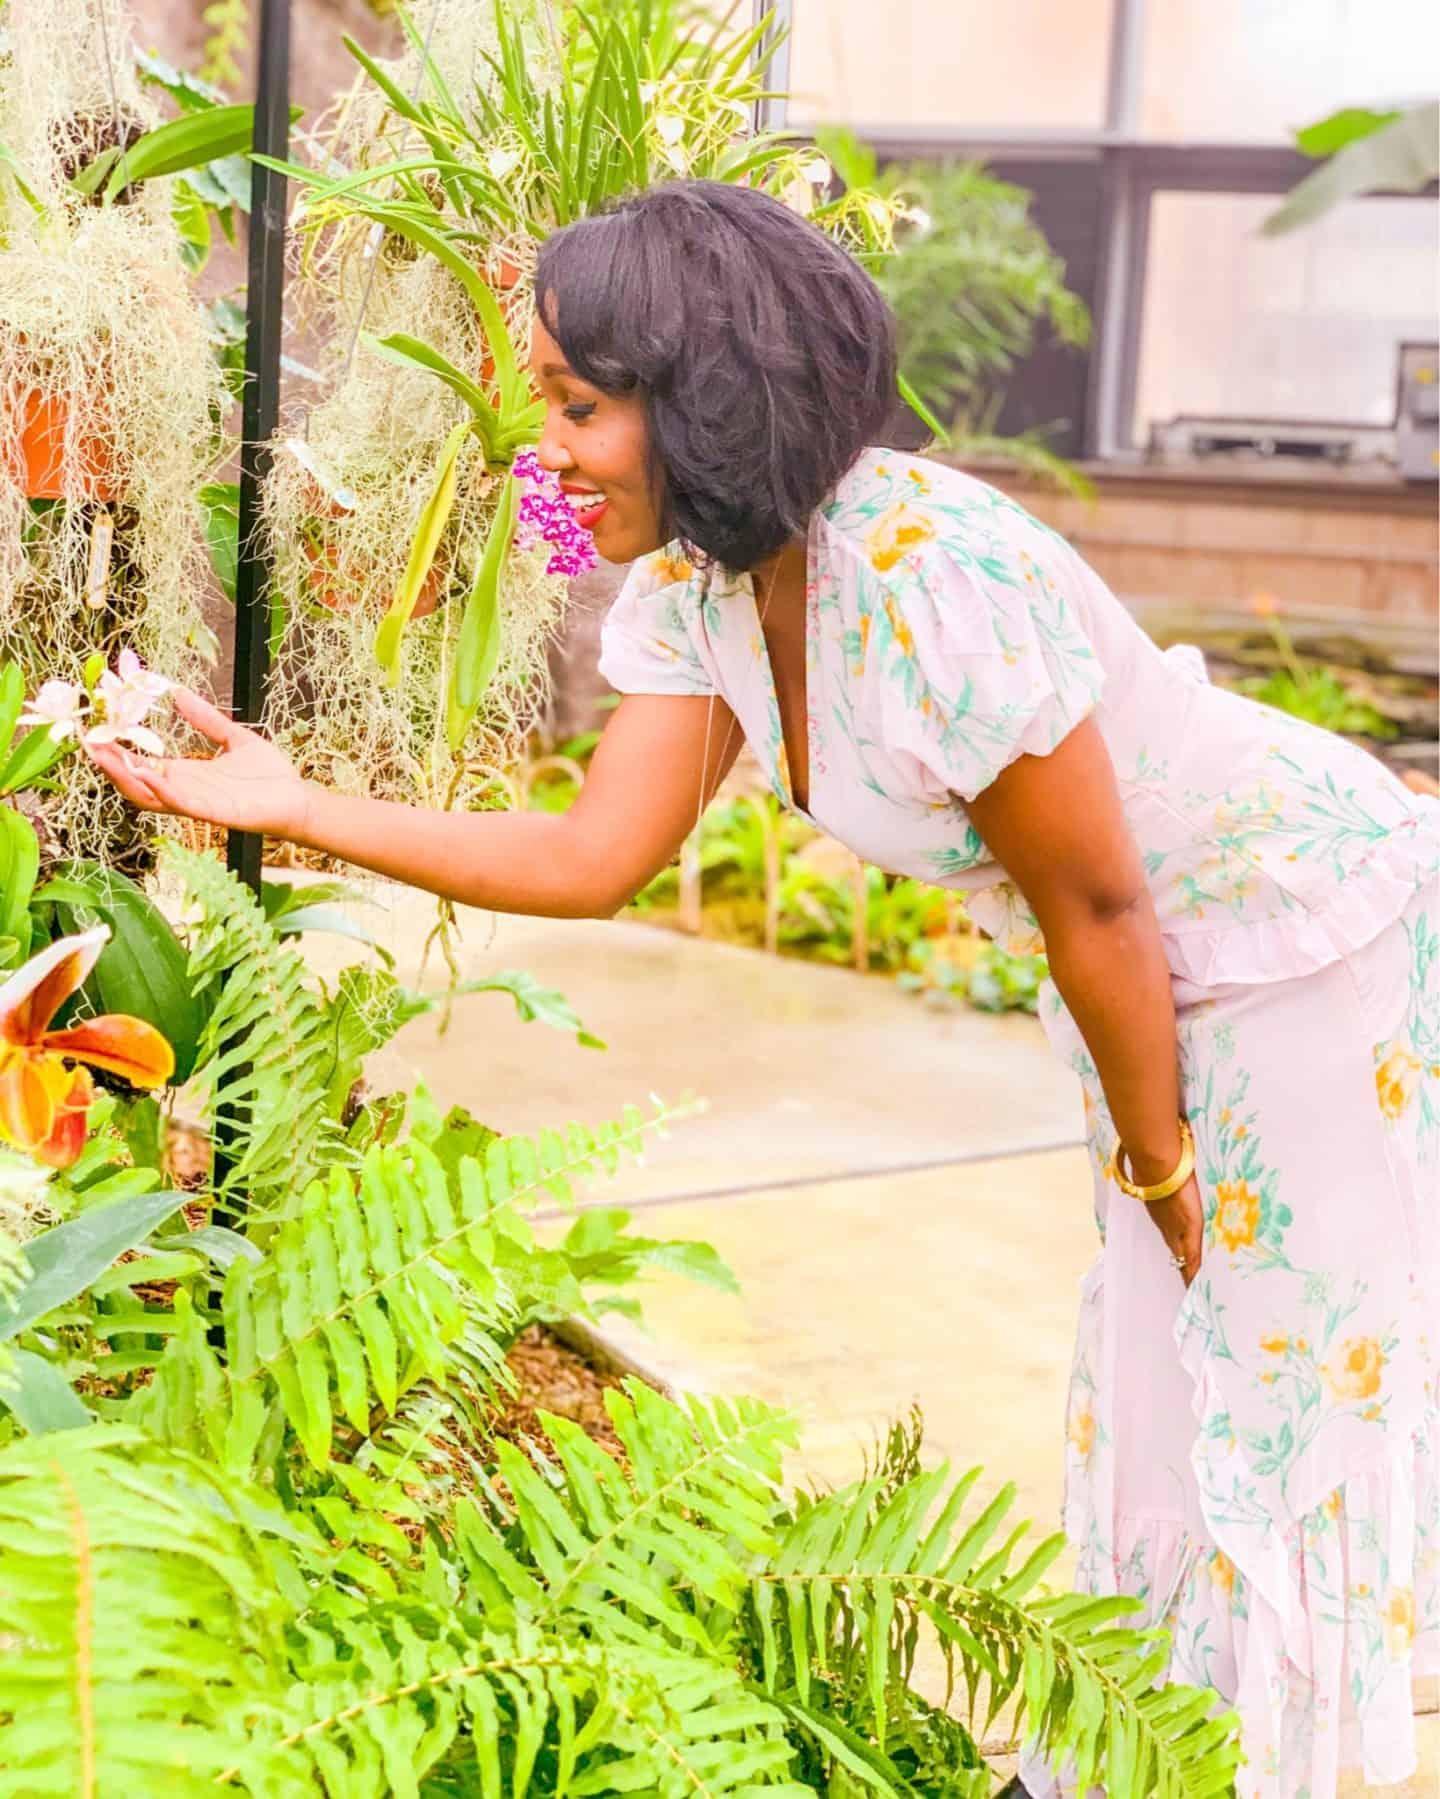 Shaunda Necole at ODU Kaplan Orchid Conservatory